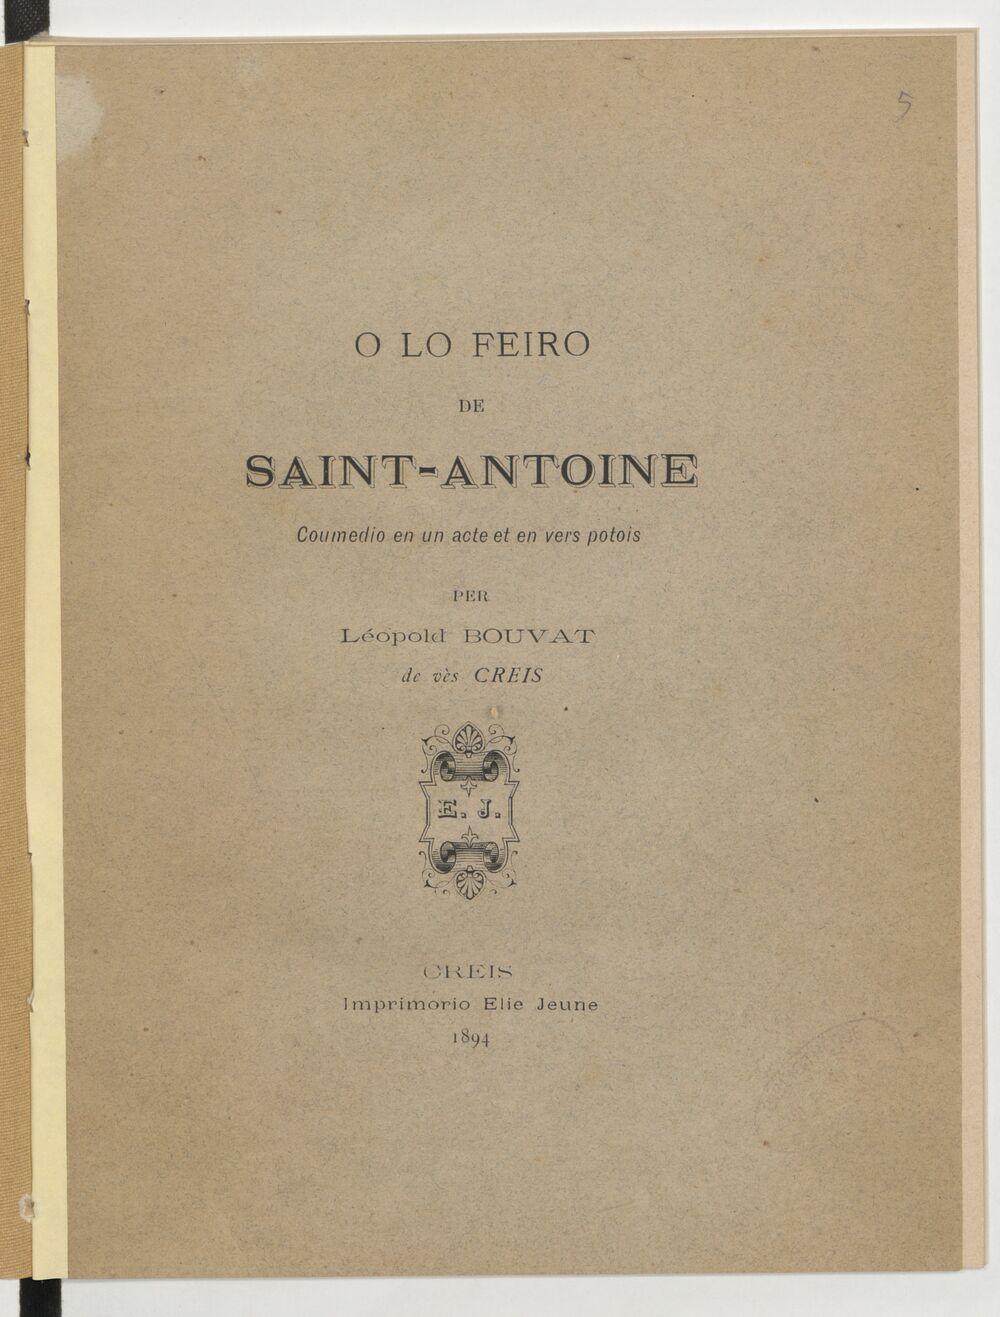 O lo feiro de Saint-Antoine. Coumedio en un acte et en vers potois / per Léopold Bouvat,...